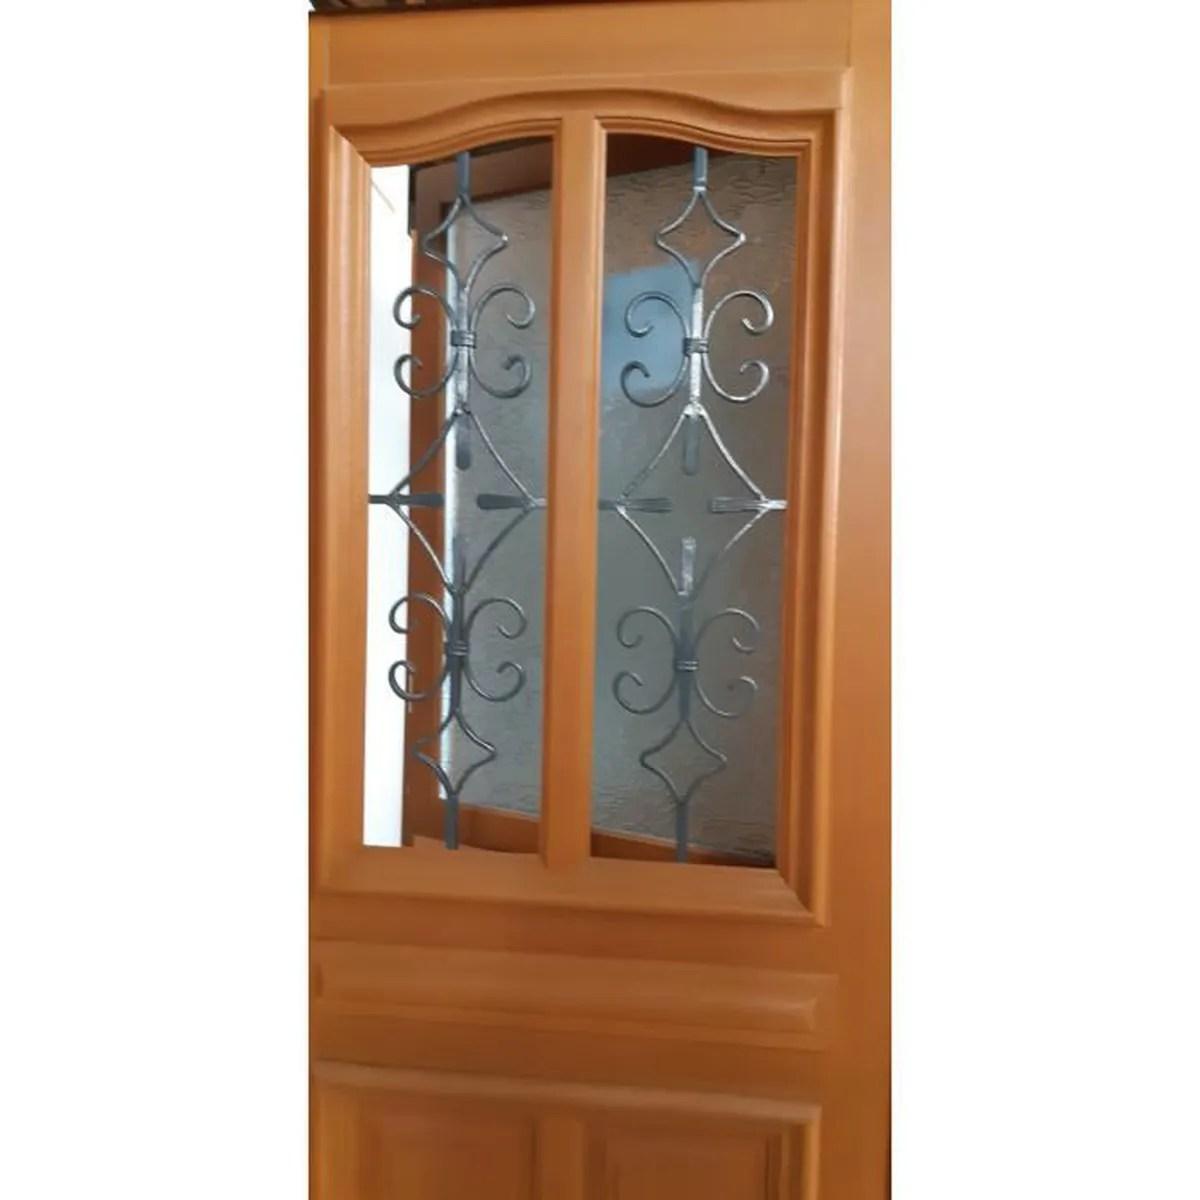 porte d entree en bois 215 x 90 gauche vitrage isolant 4 16 4 argon